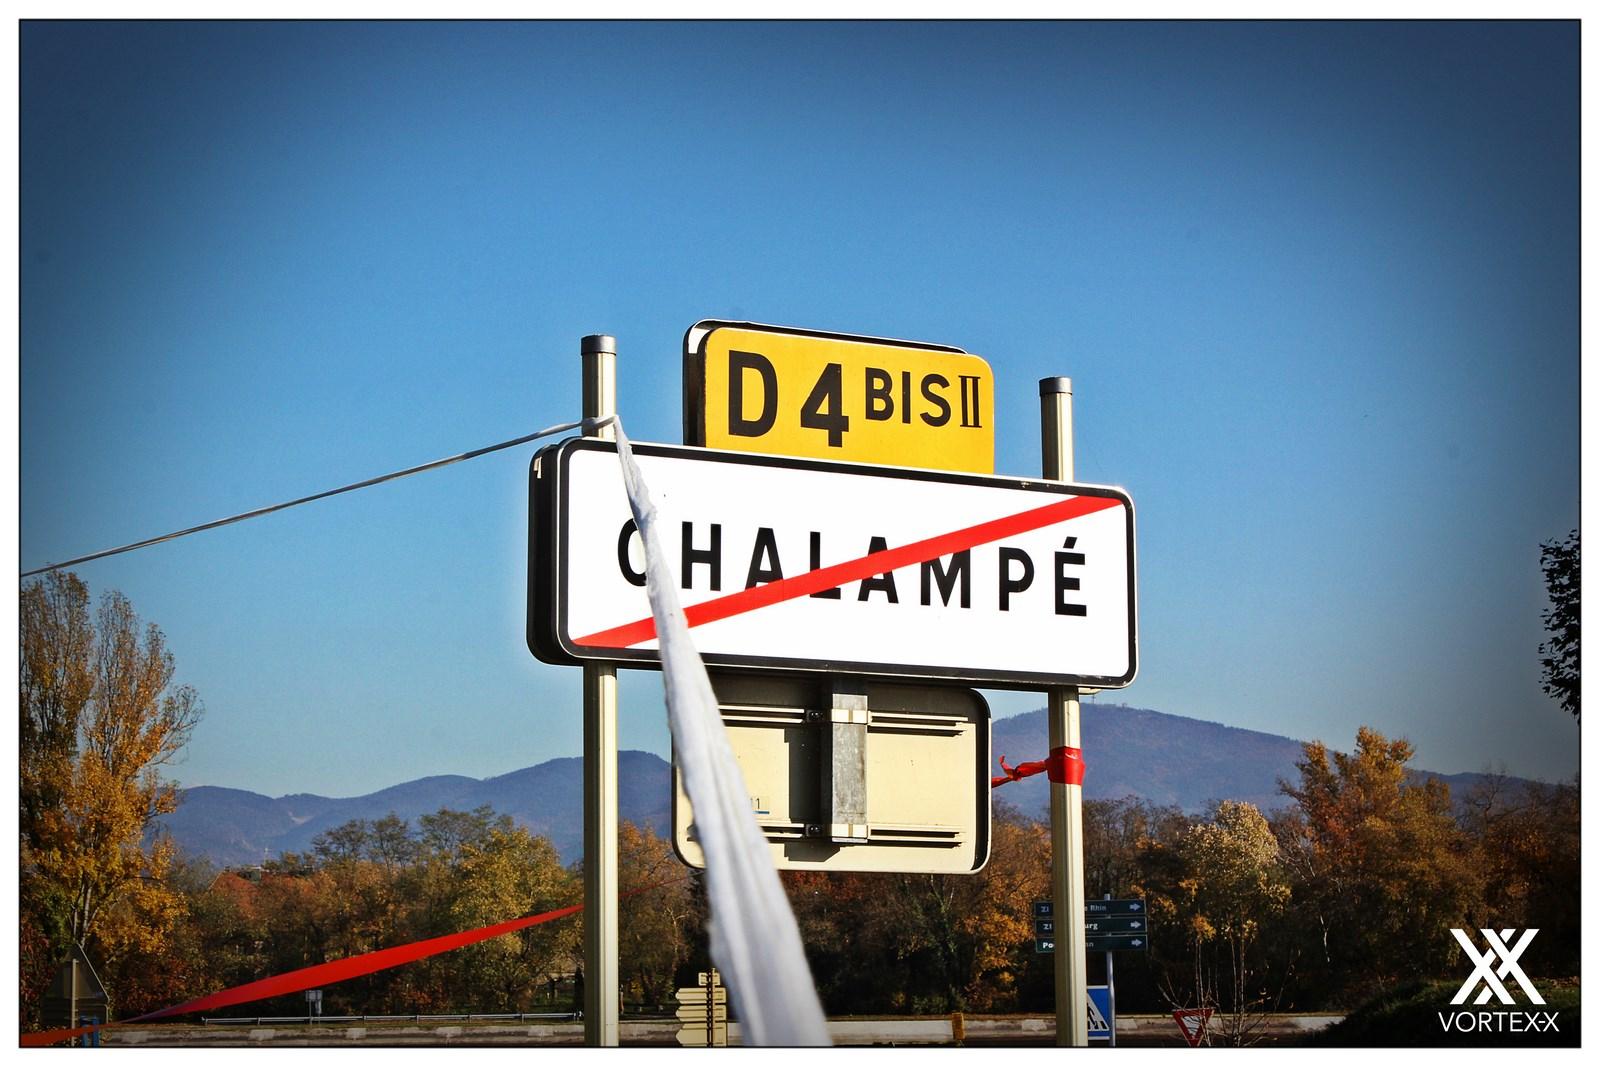 60 an site de Chalampé 11 [1600x1200]